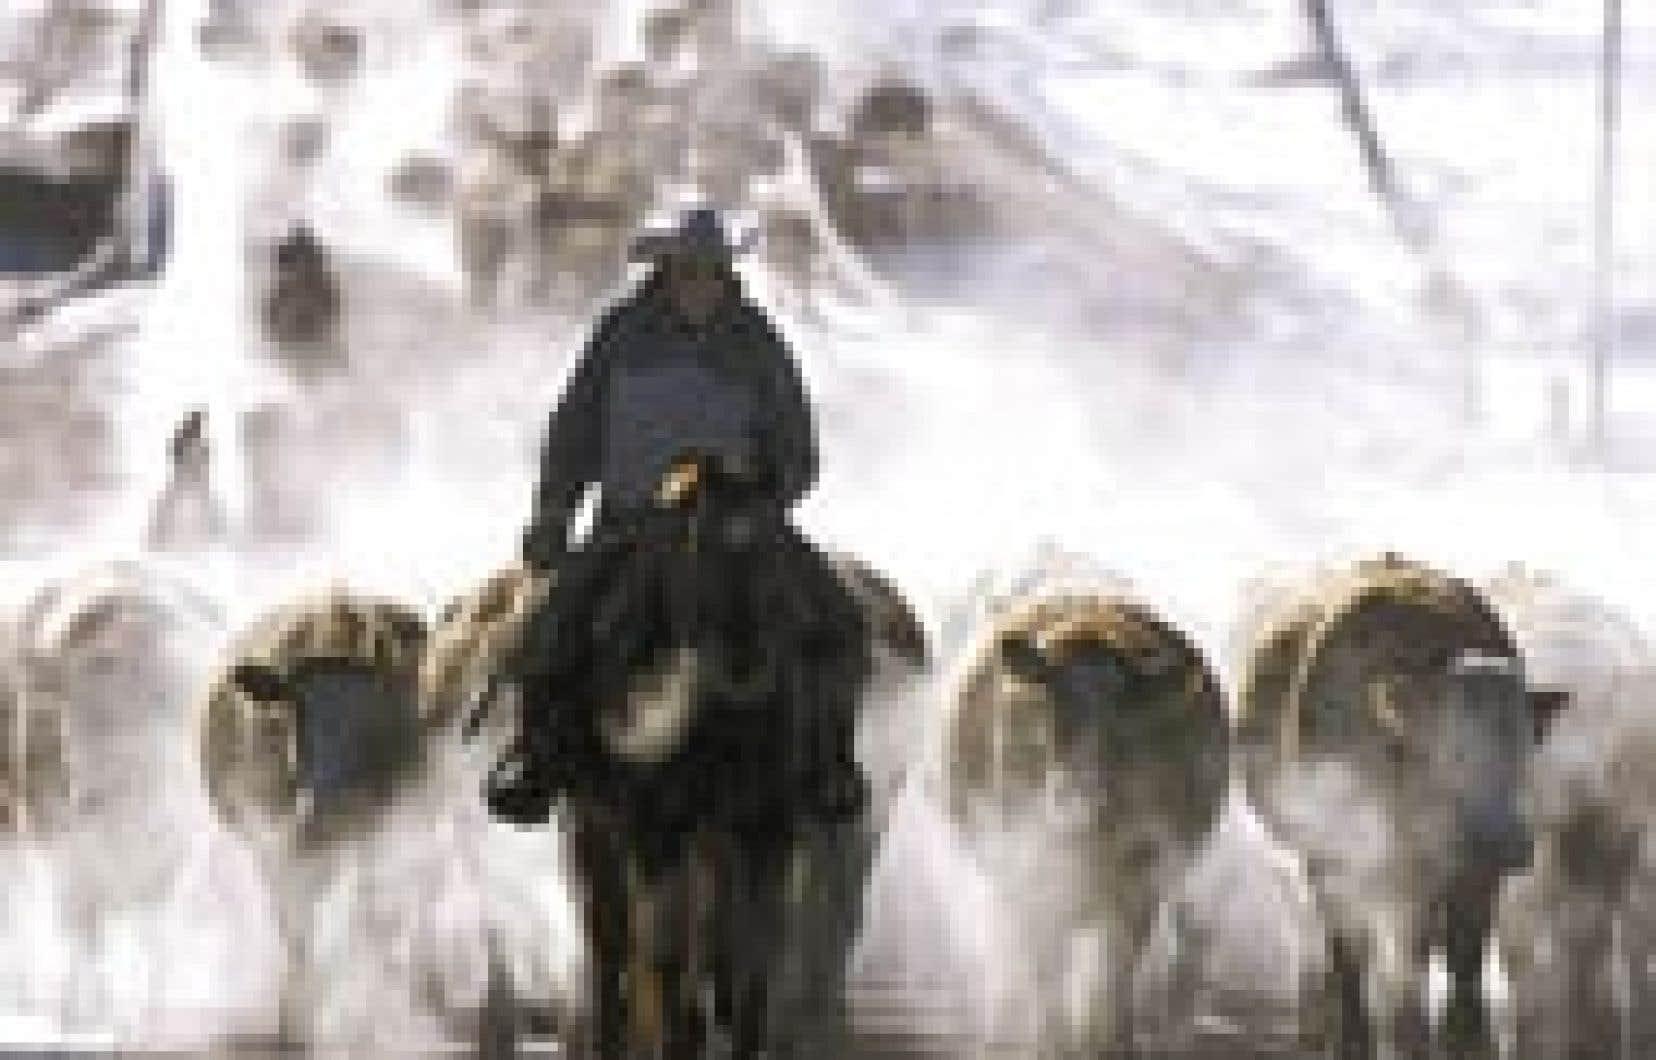 Au grand soulagement des producteurs, le cas révélé hier ne devrait pas affecter le redémarrage du commerce bovin transfrontalier.